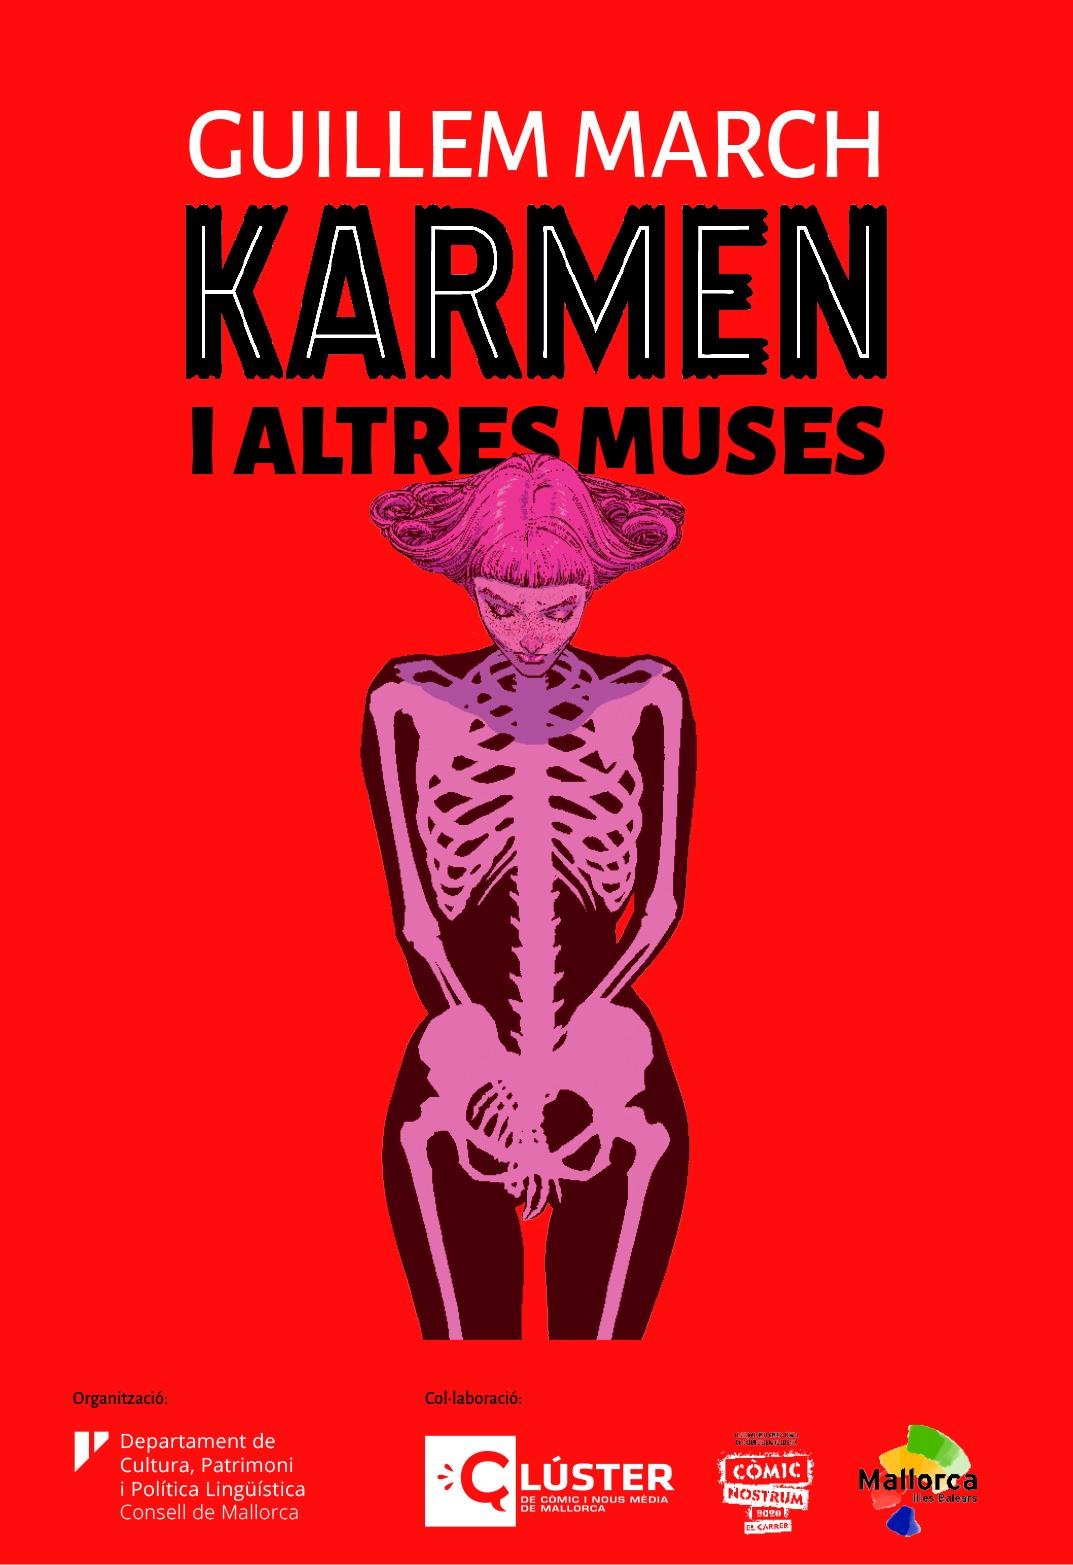 http://www.comicmallorca.com/wp-content/uploads/2020/10/Banner-Karmen.jpg